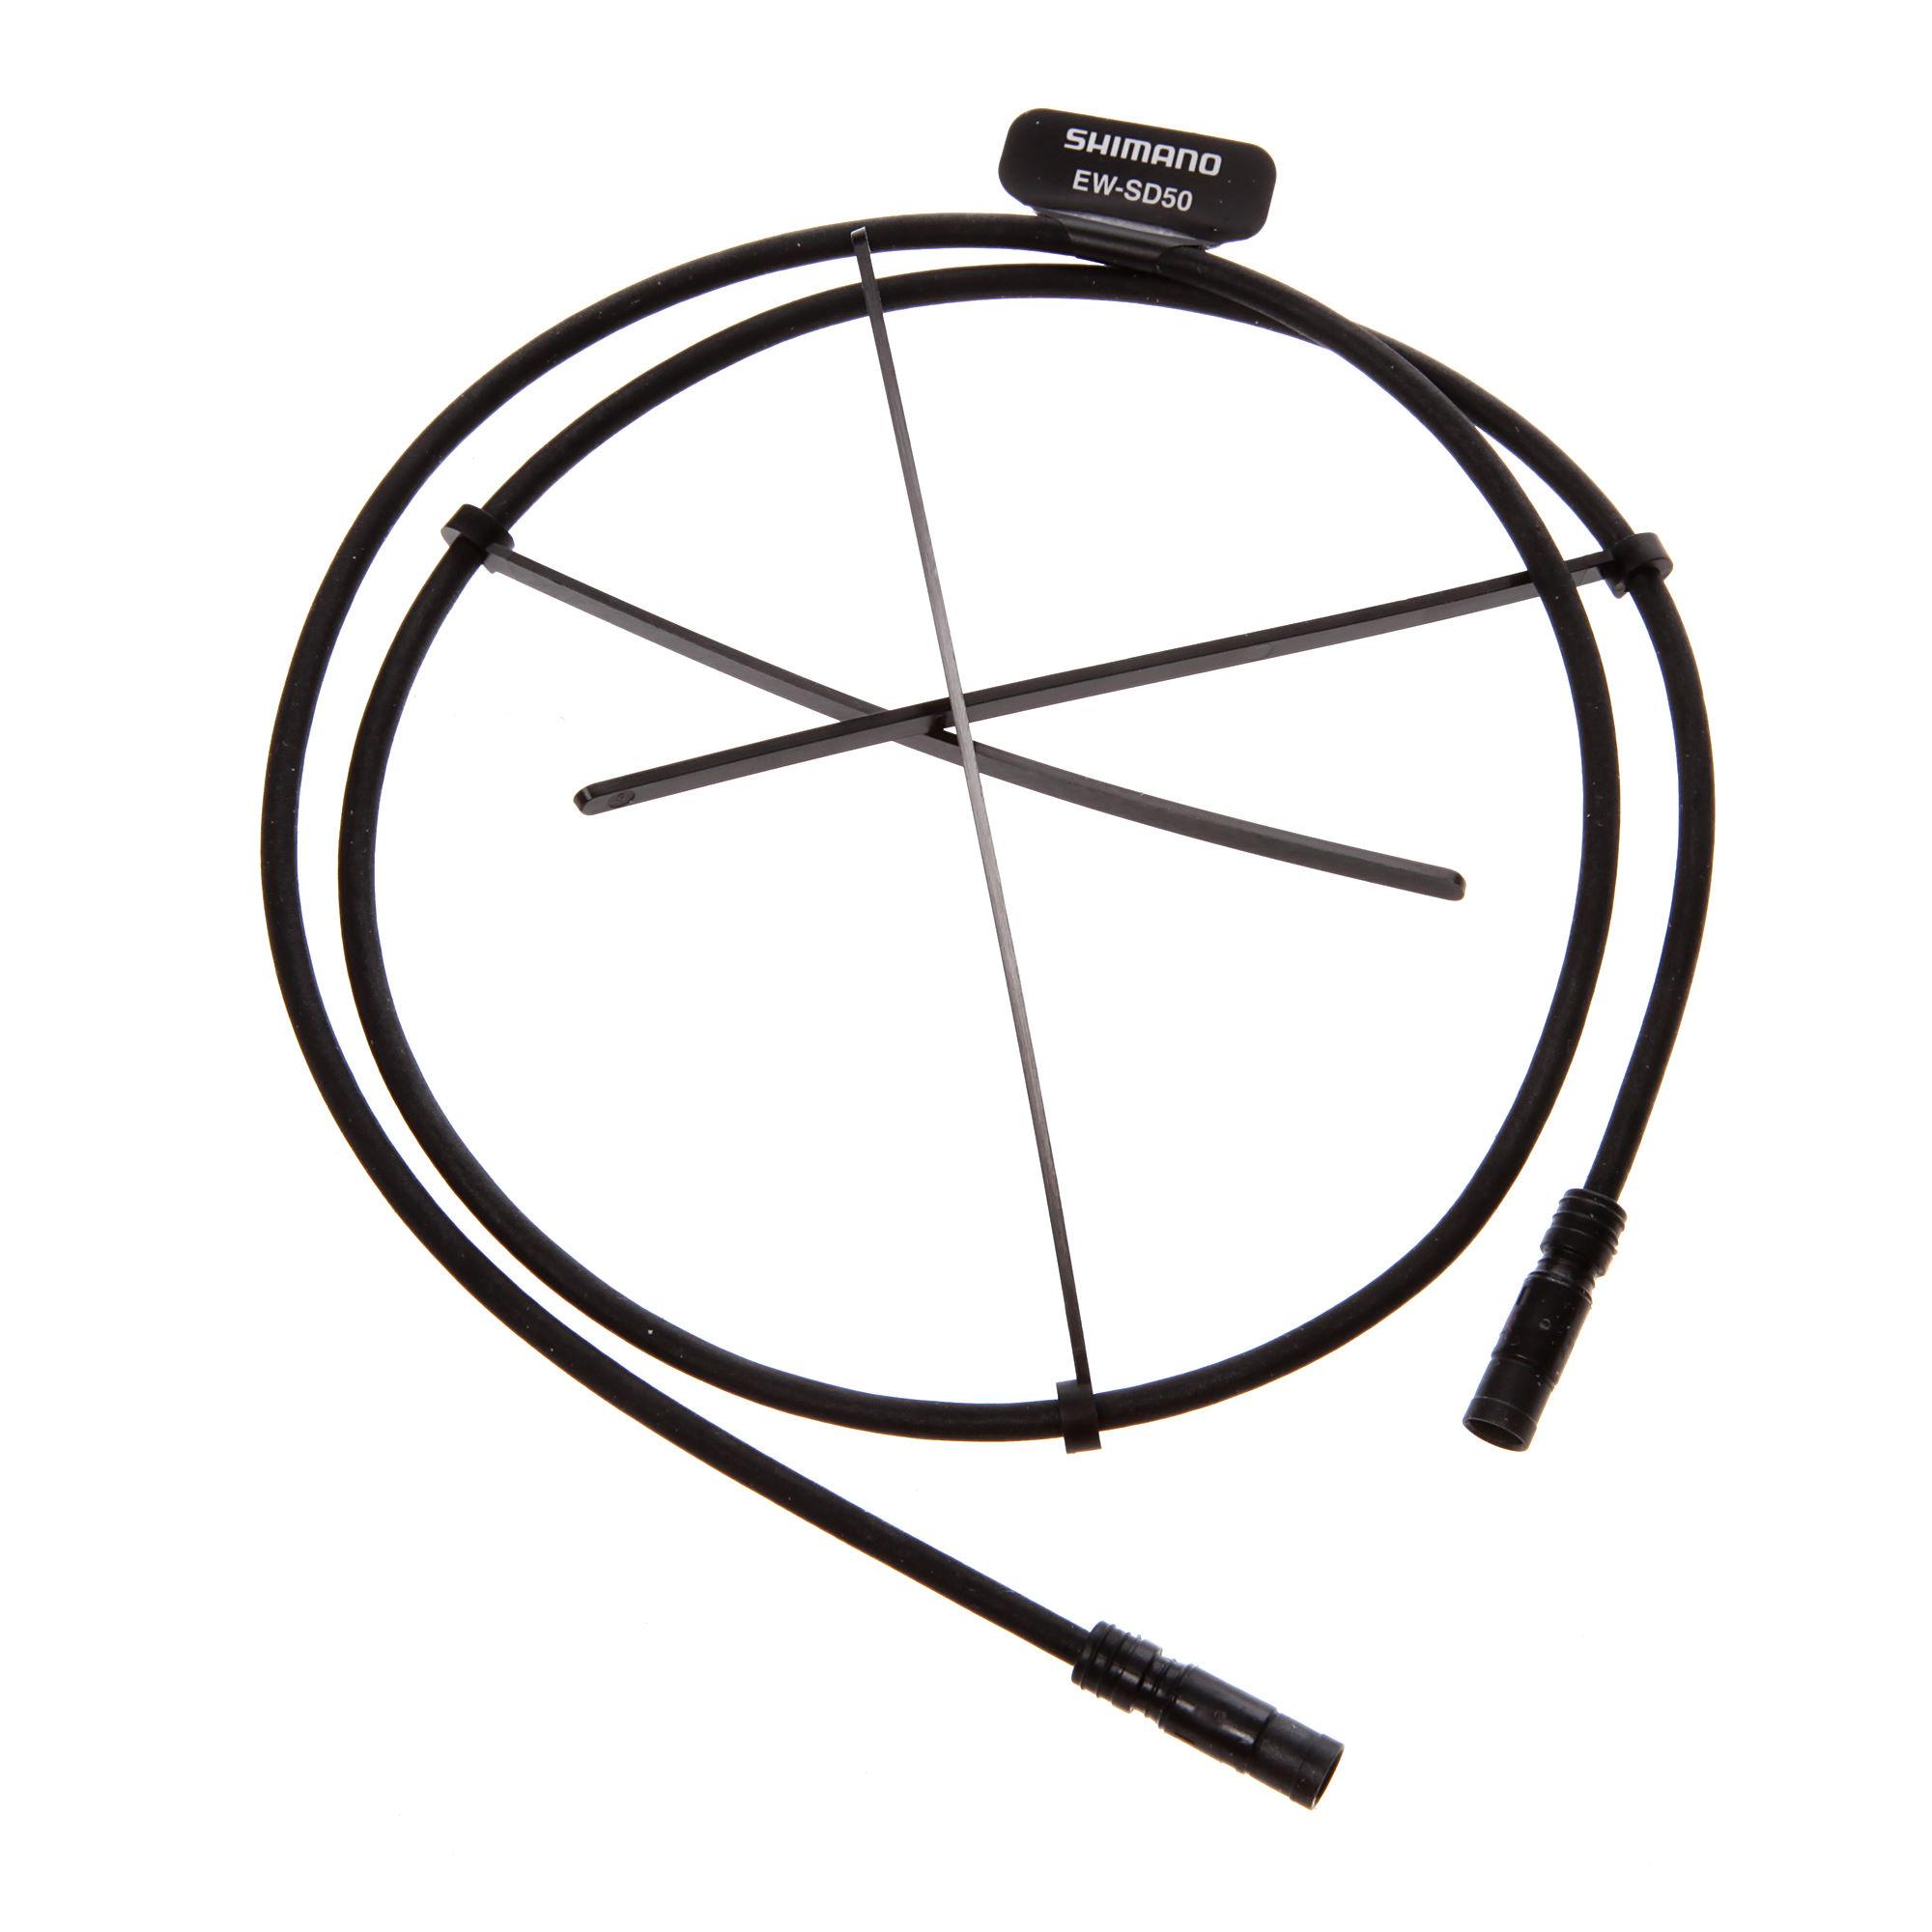 Shimano Ew Sd50 E Tube Ultegra Dura Ace Di2 Electric Wire